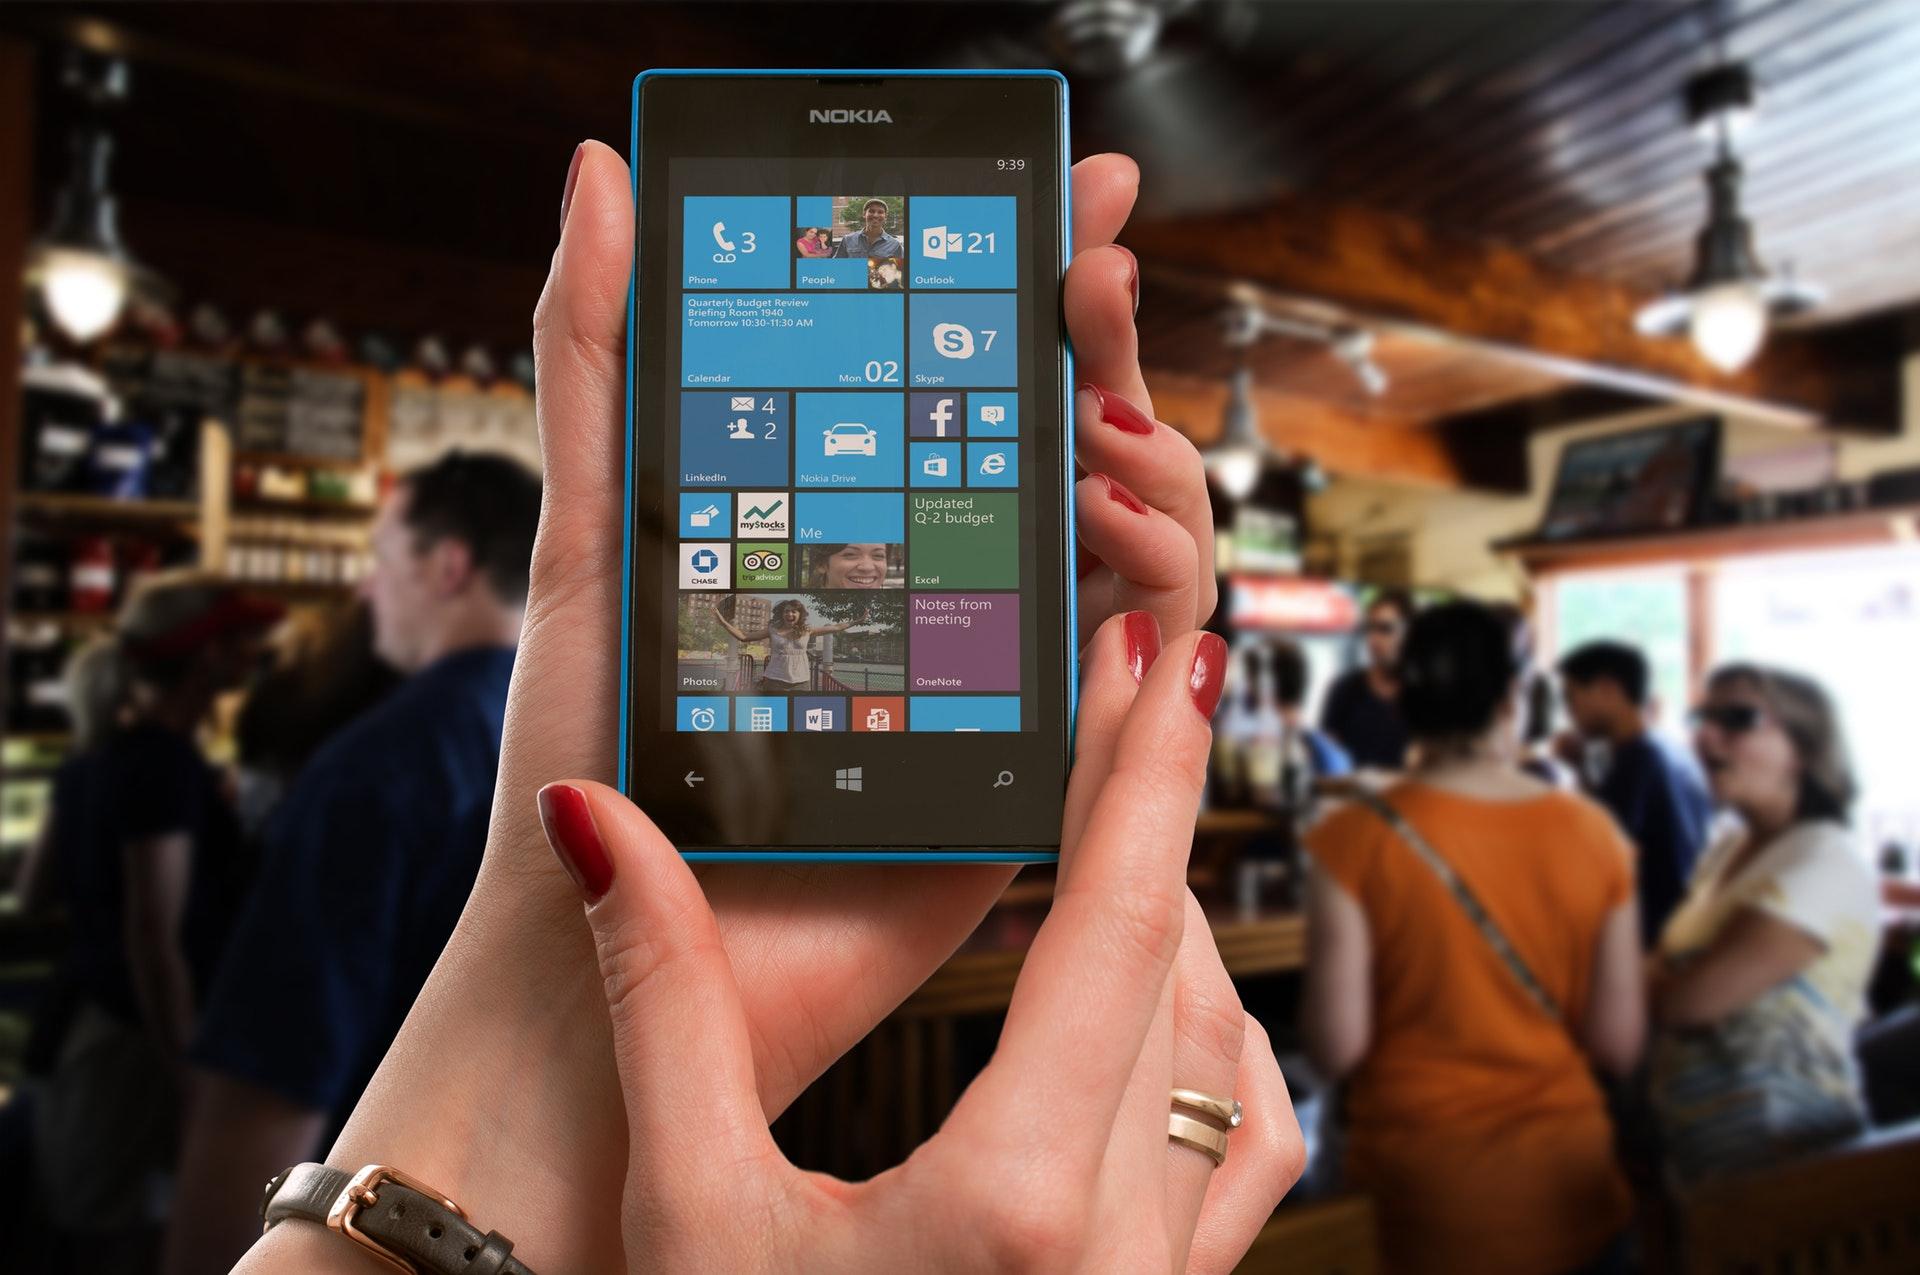 Répartition OS: Windows Phone toujours plus près de la mort, écrasé par Android